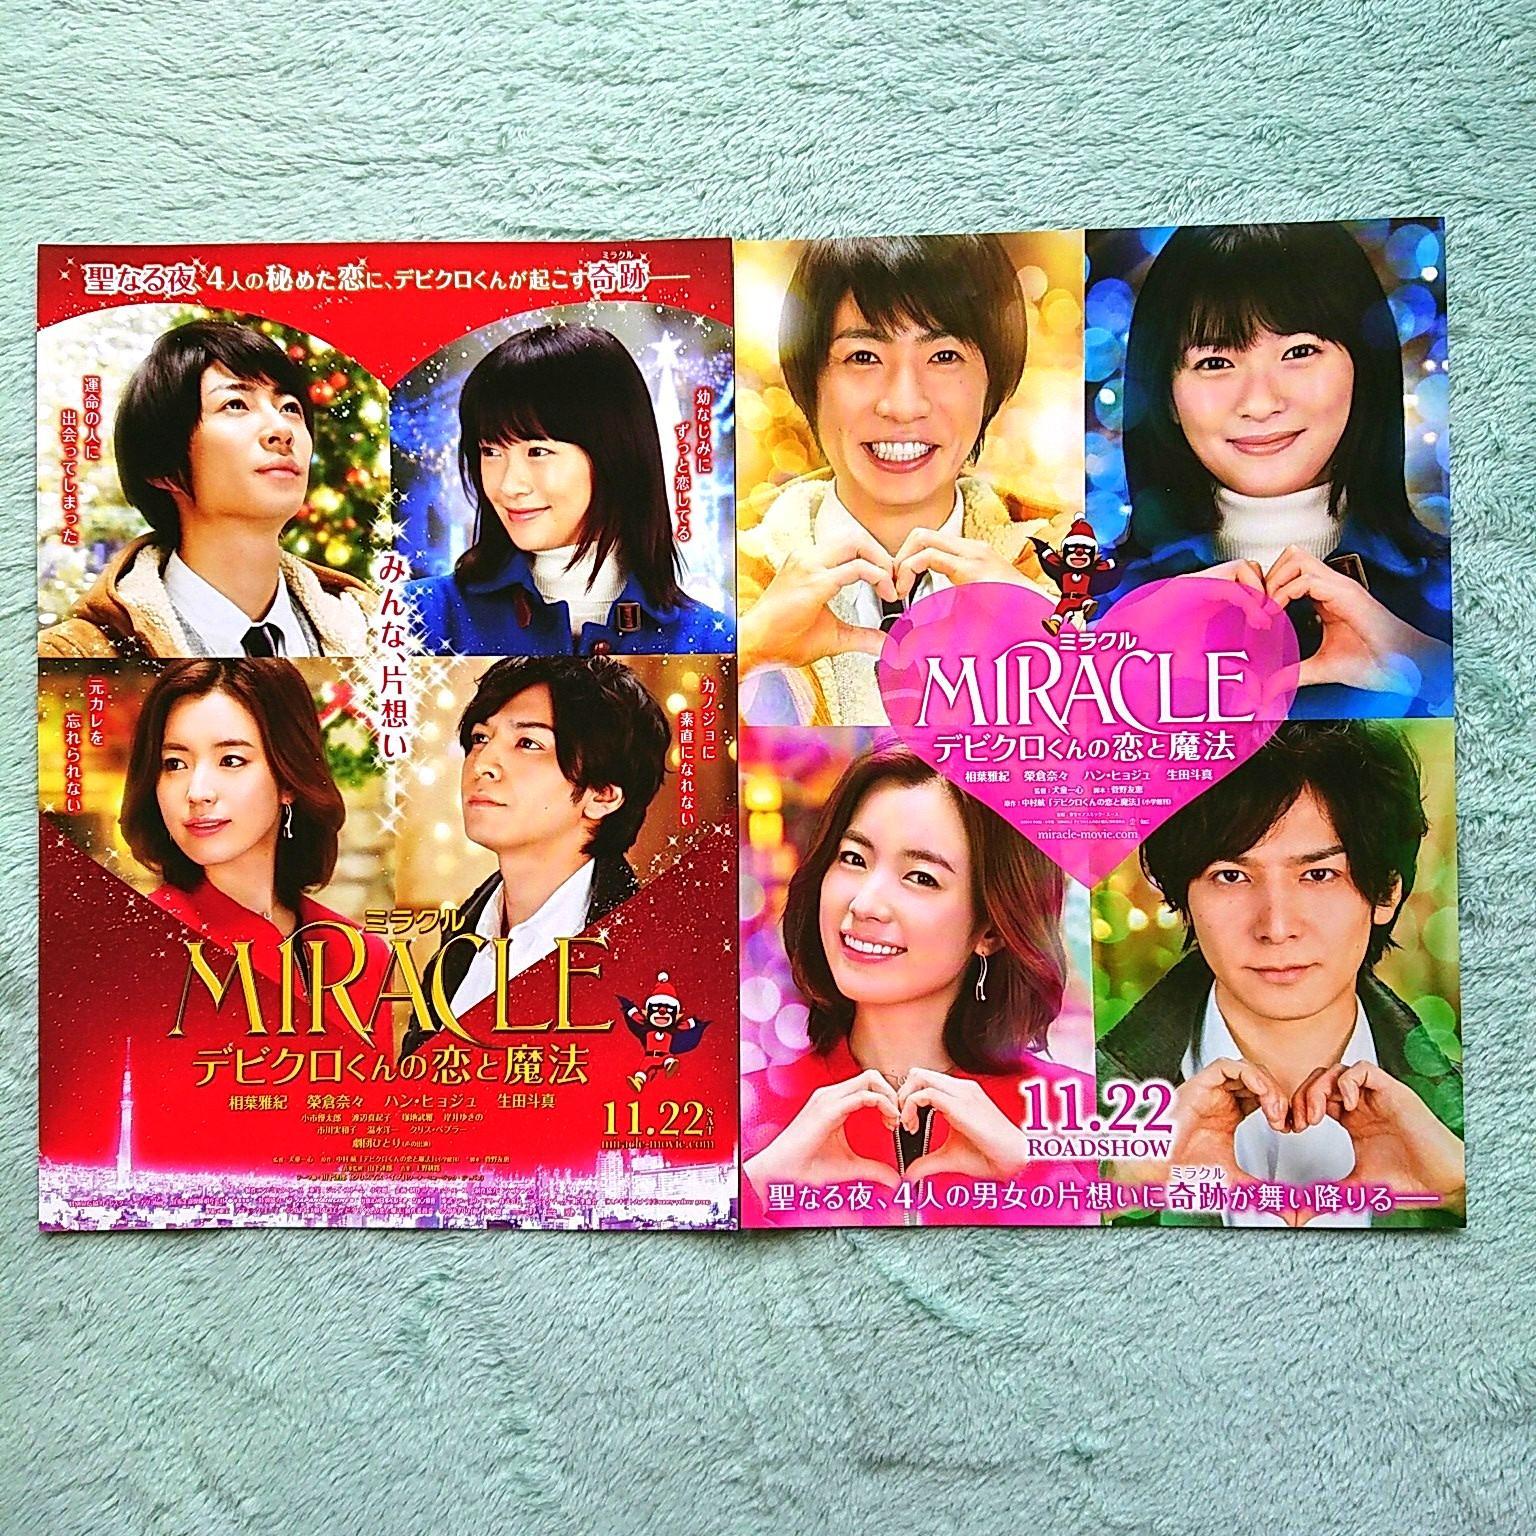 相葉雅紀 主演電影 戀愛魔法 日本周邊